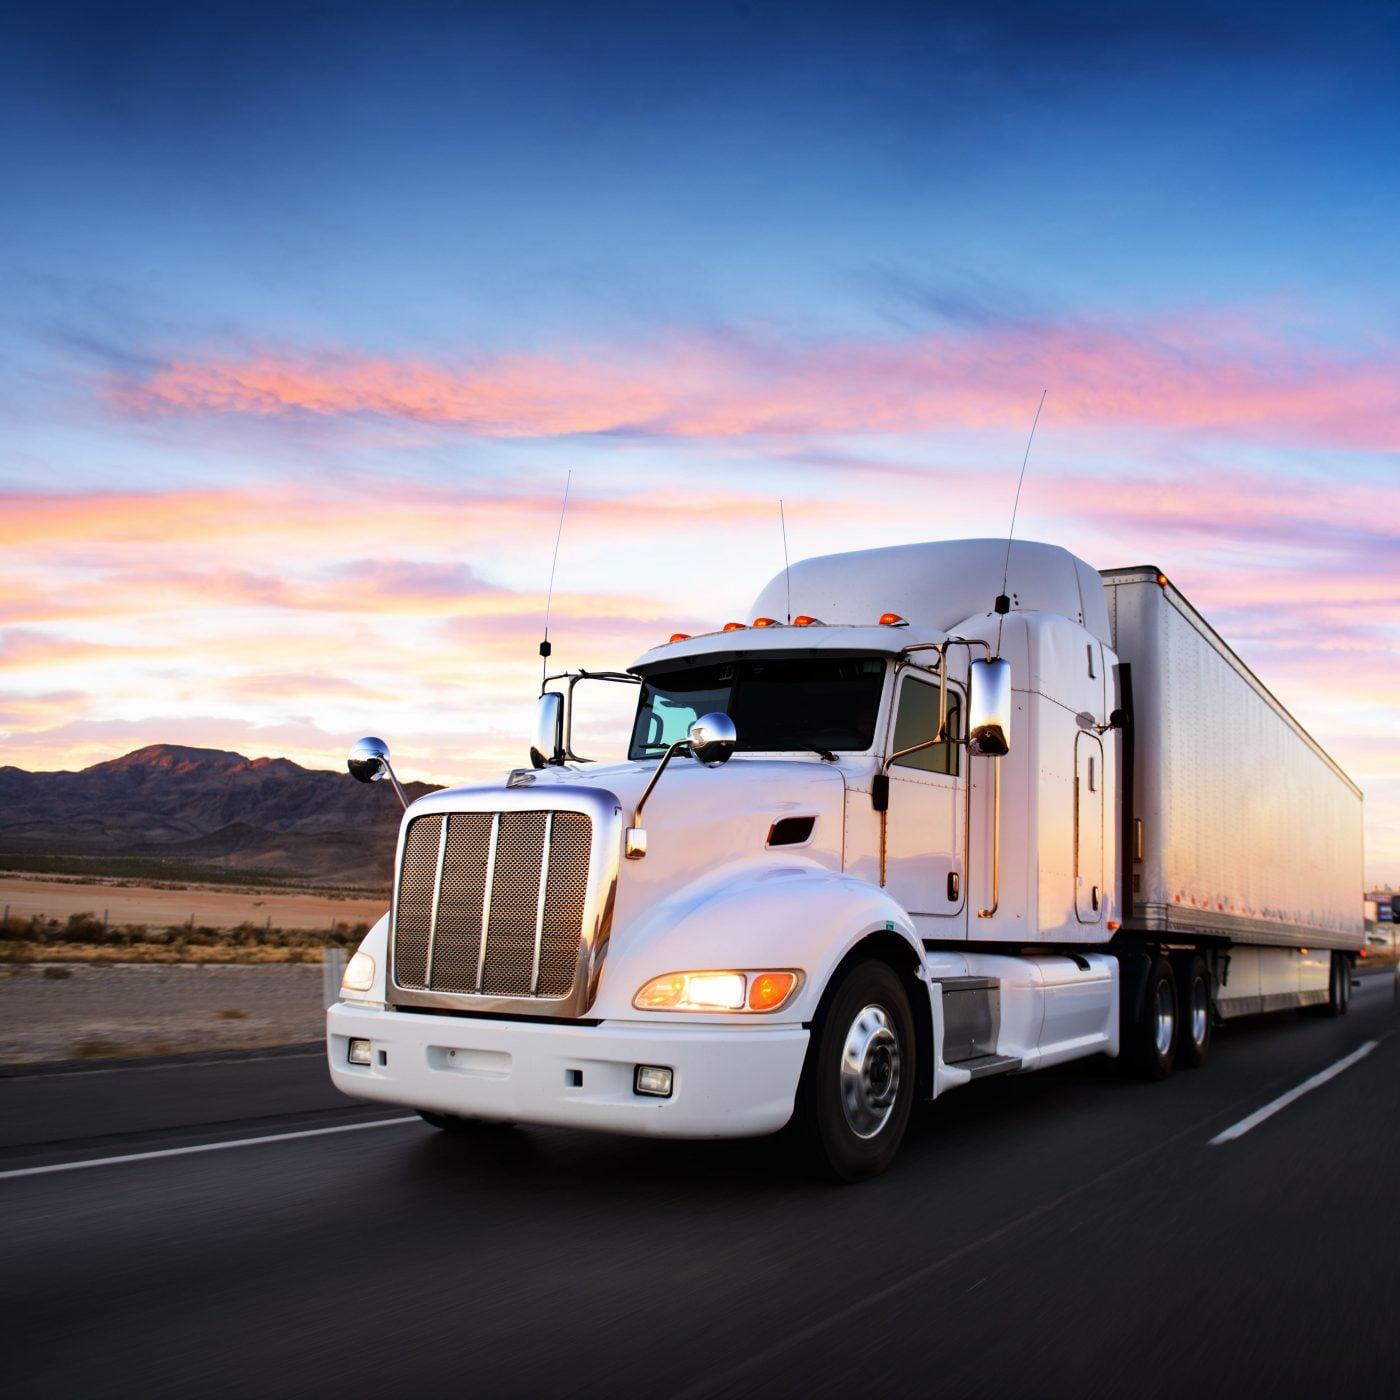 bild anwendungsgebiet gps tracker lkw trucks 1400x1400 - GPS-Tracker für Lieferdienste